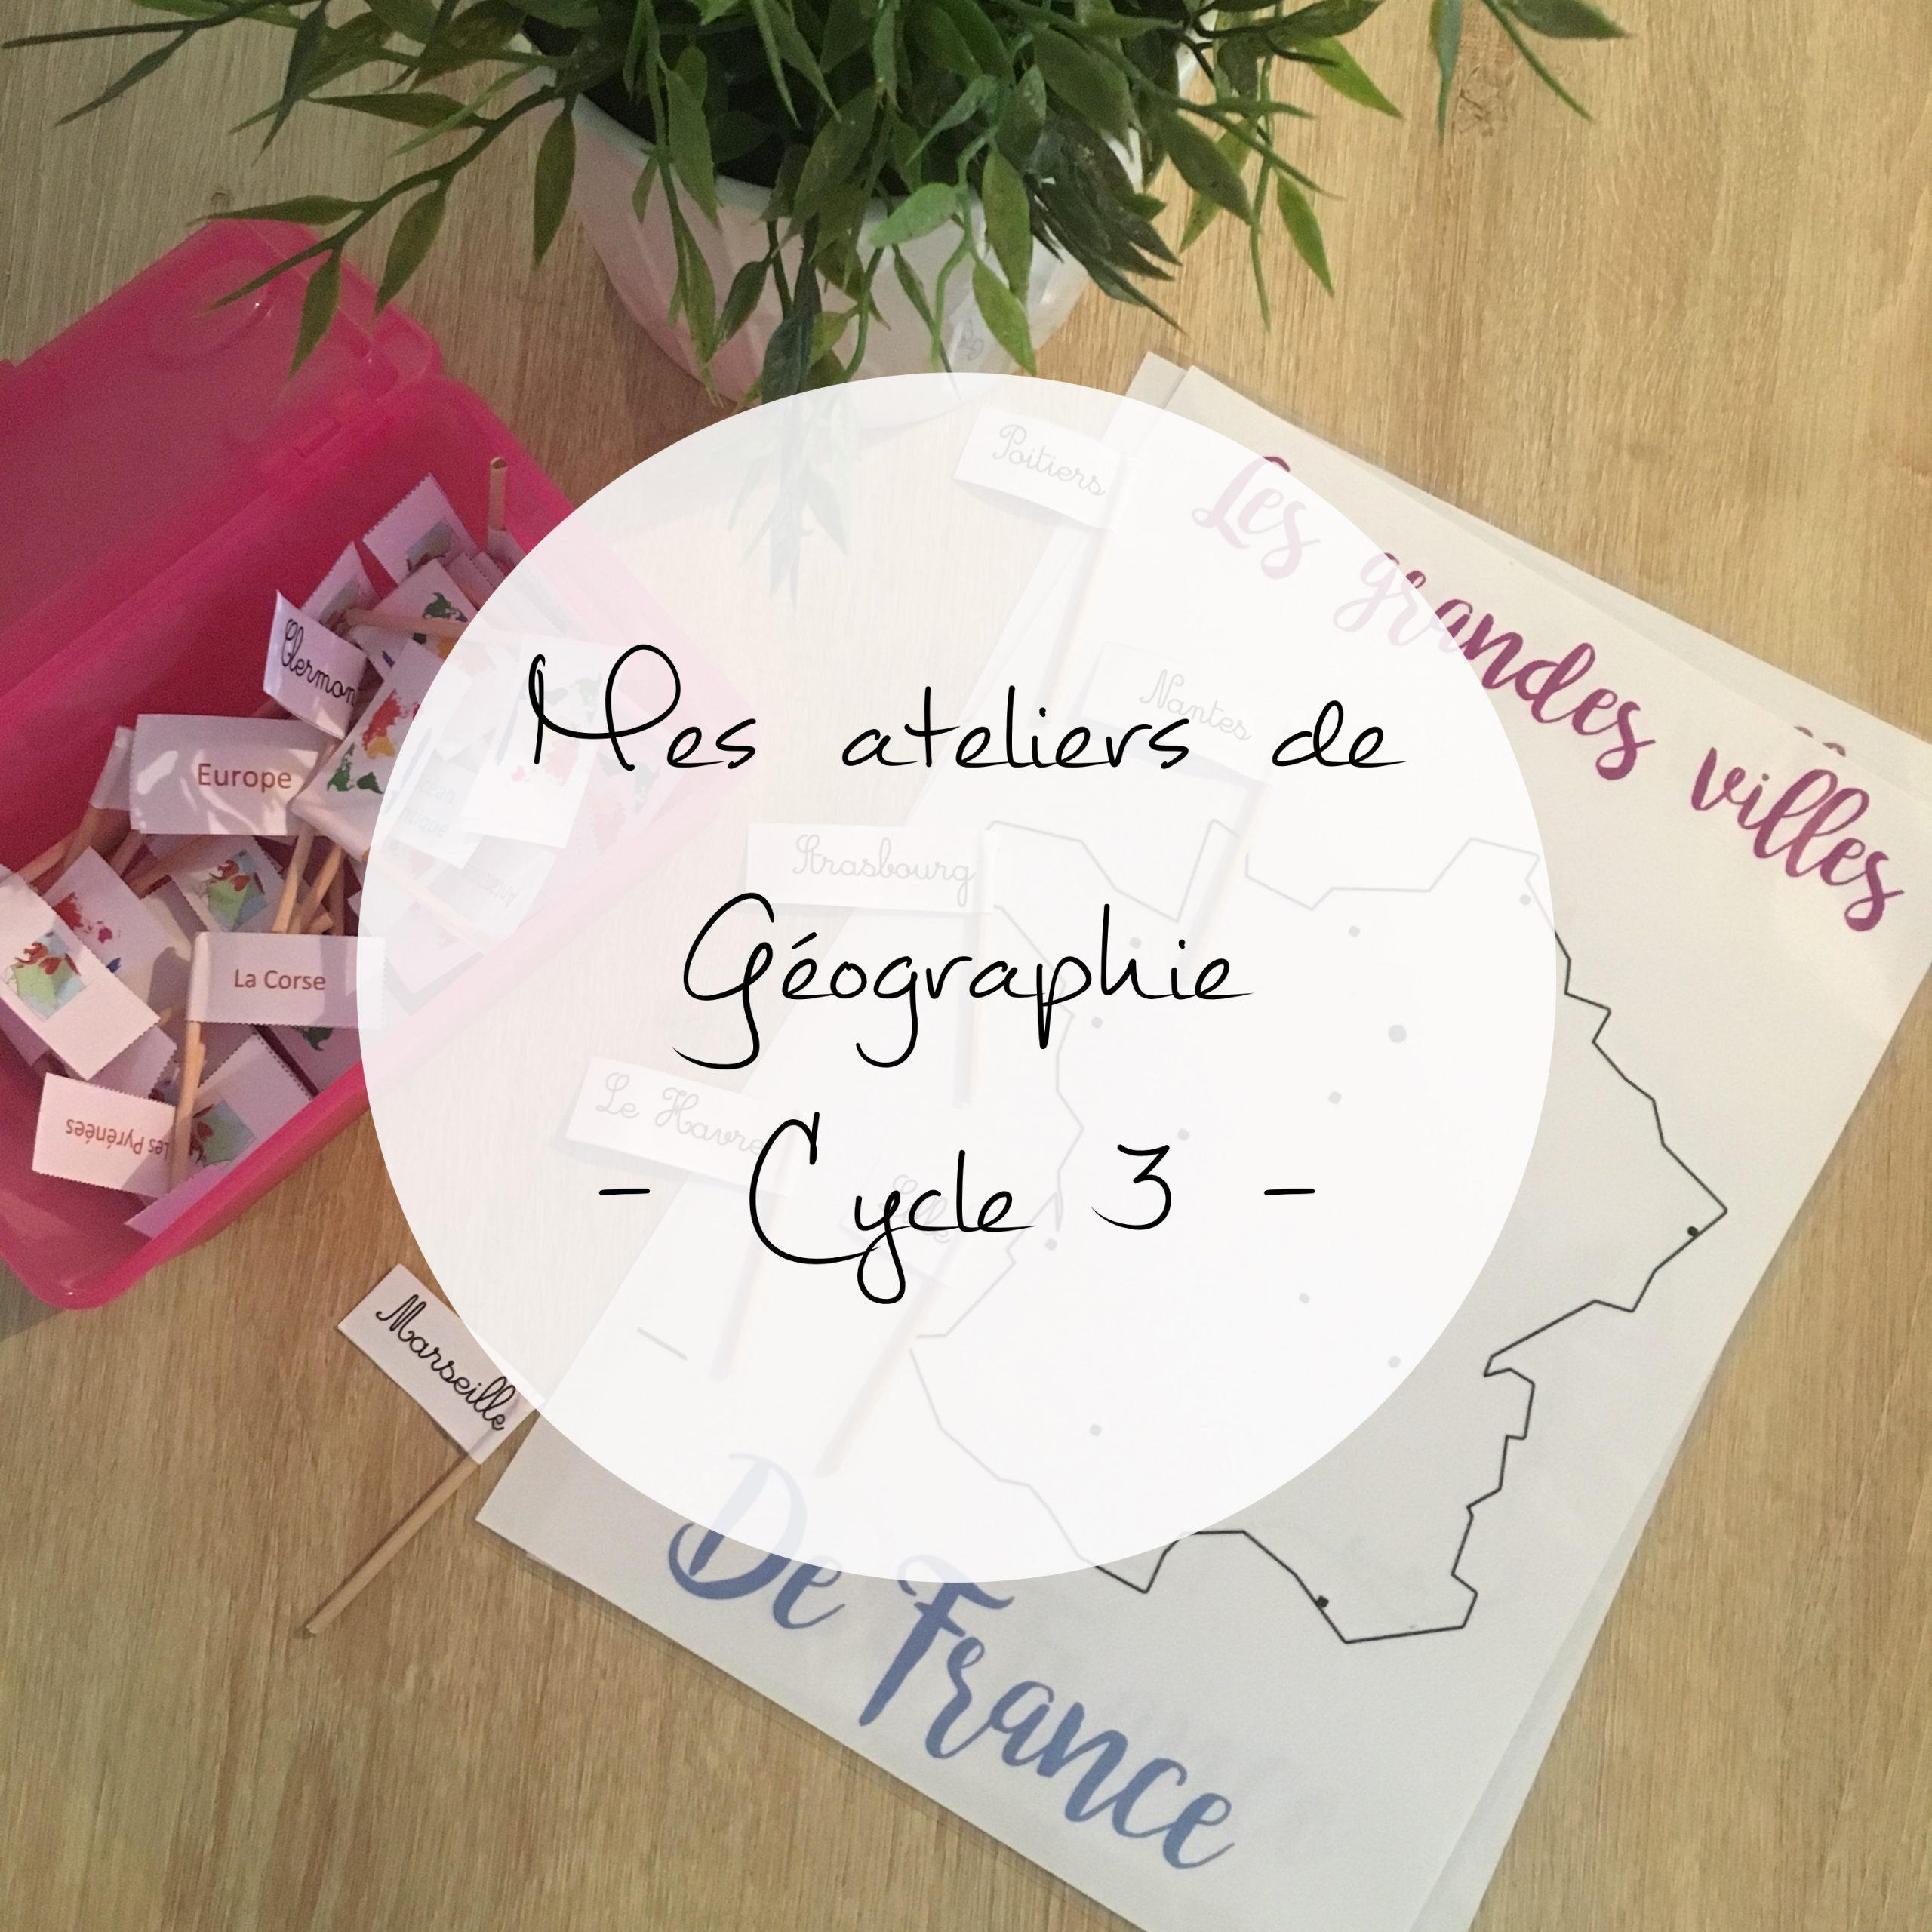 Ateliers De Géographie | Maitresse De La Forêt intérieur Jeu Geographie Ville De France